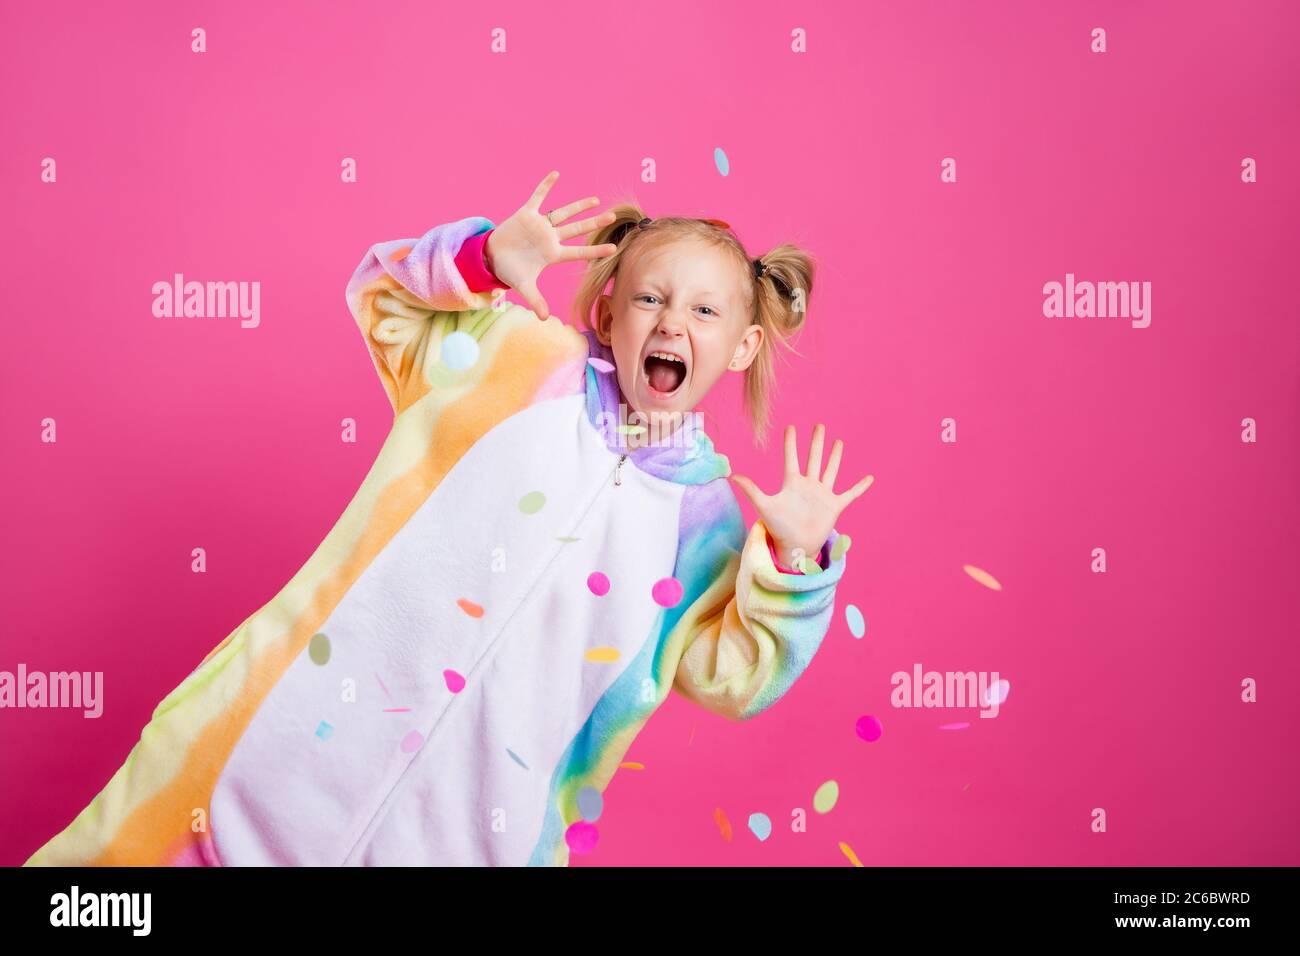 Felice bambina in kigurumi unicorn su sfondo rosa gioisce in confetti multicolore, spazio per il testo Foto Stock